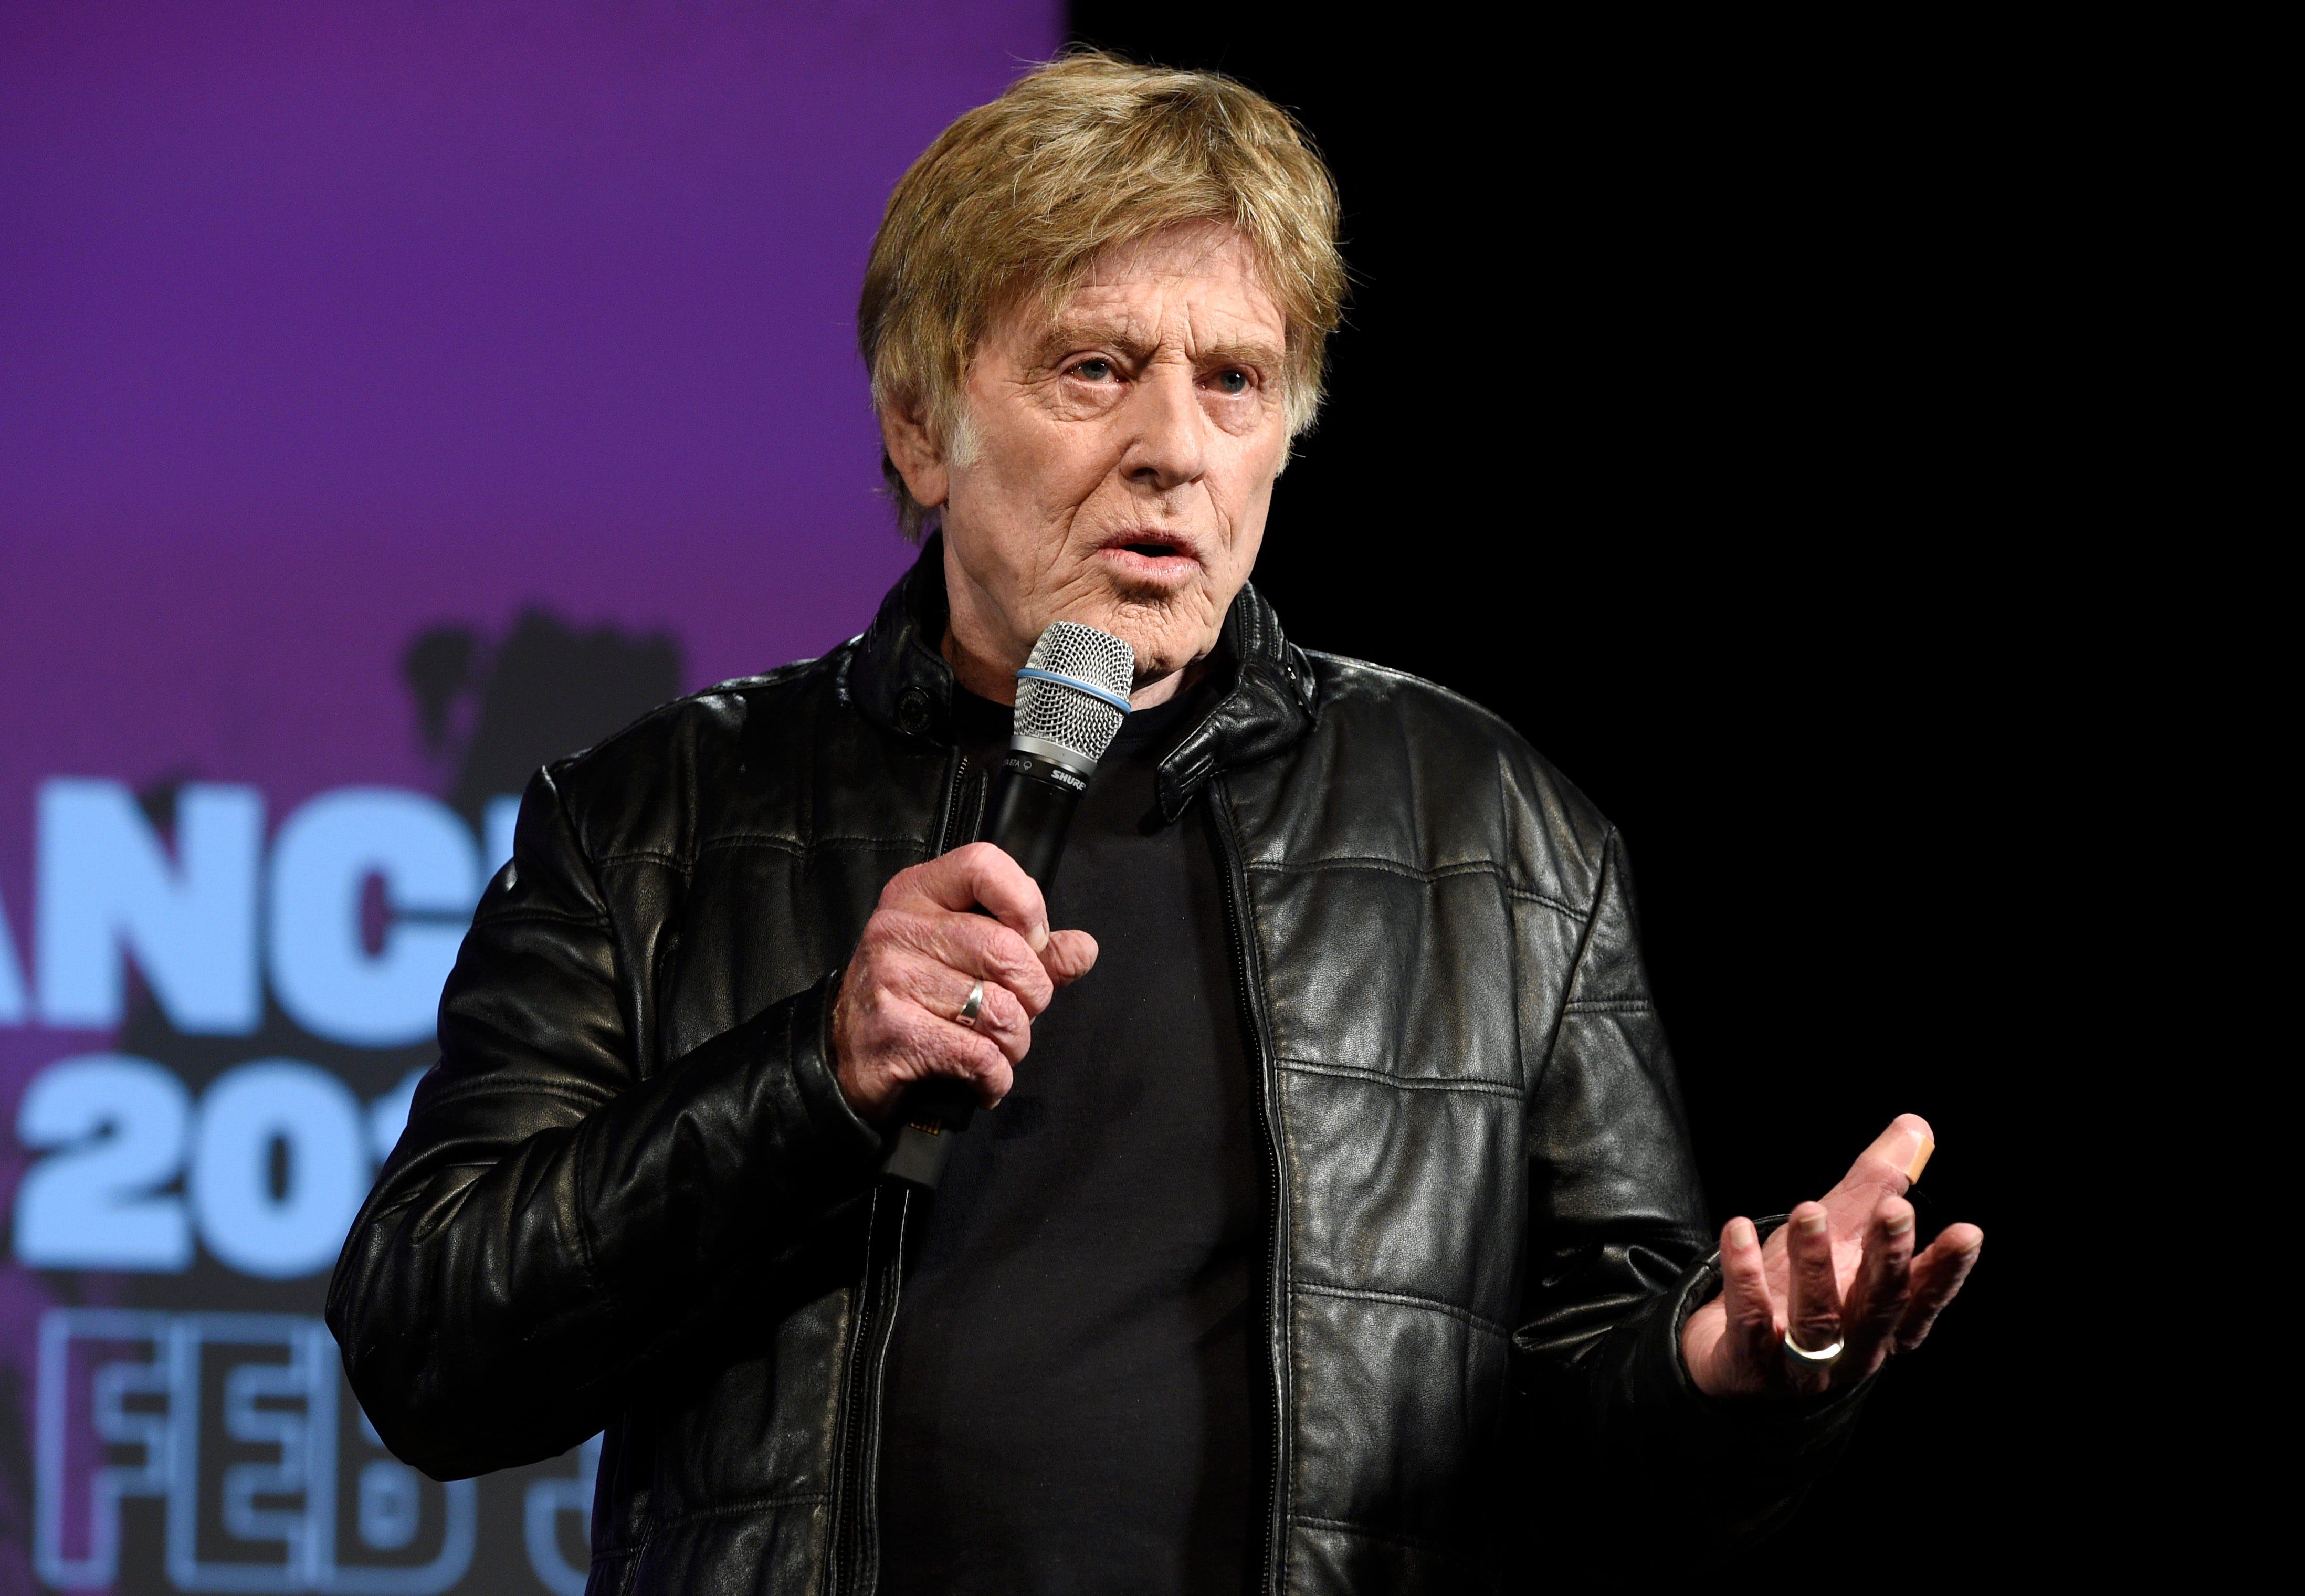 Robert Redford steps back as the face of Sundance Film Festival